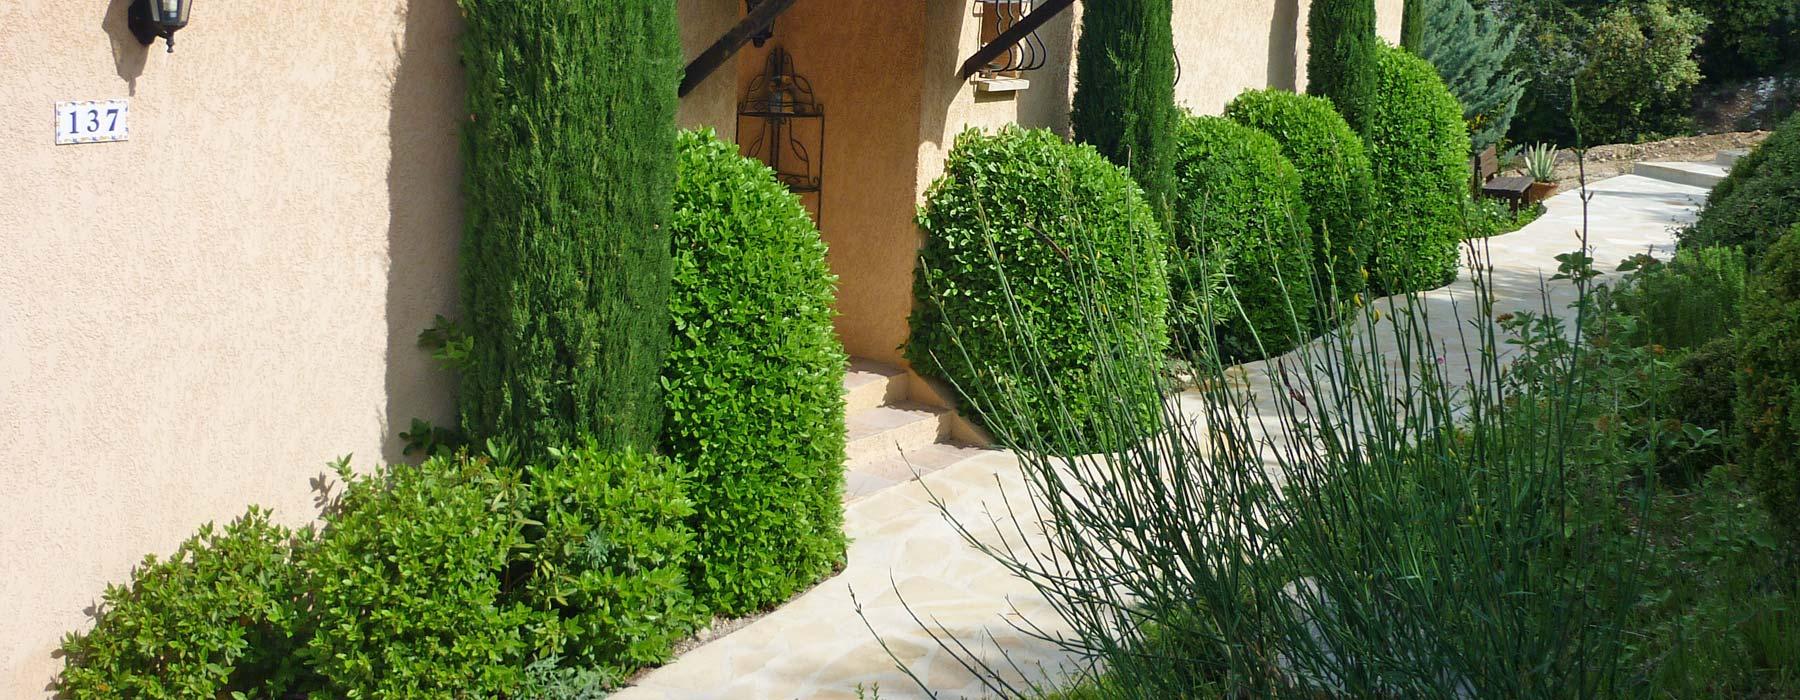 Bernard teste paysagiste en dr me et vaucluse cr ation for Entretien de jardins